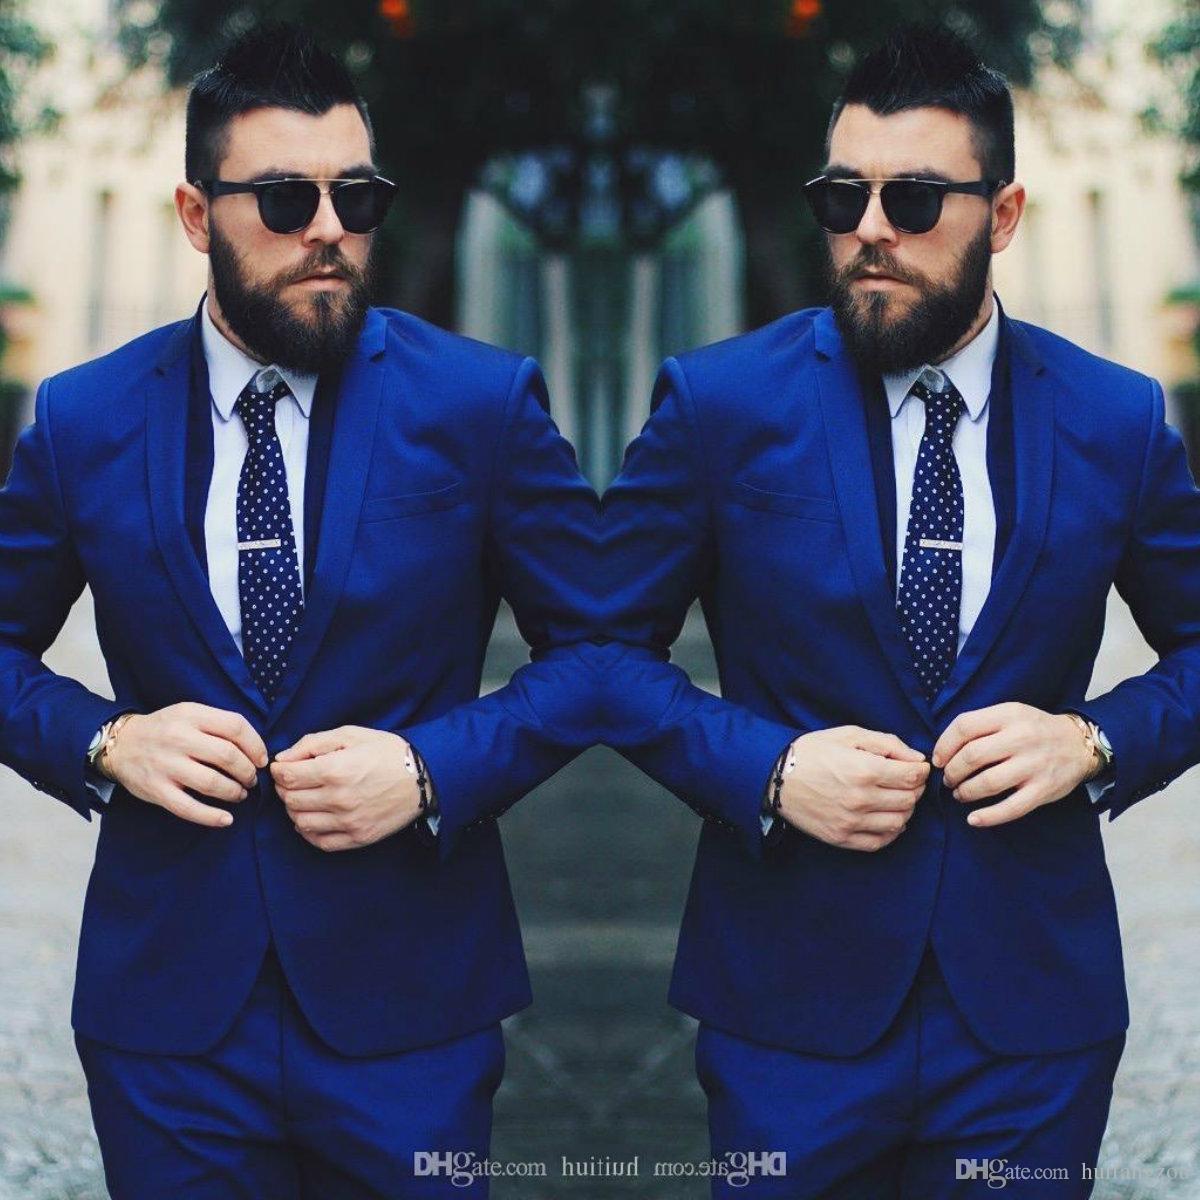 بدلة رجال الأعمال الملكي الأزرق السترة الدعاوى التجارية الفاخرة الدعاوى الزفاف الرسمي العريس مصممة البدلات الرسمية تيرنو masculino 2 قطعة (سترة + سروال)